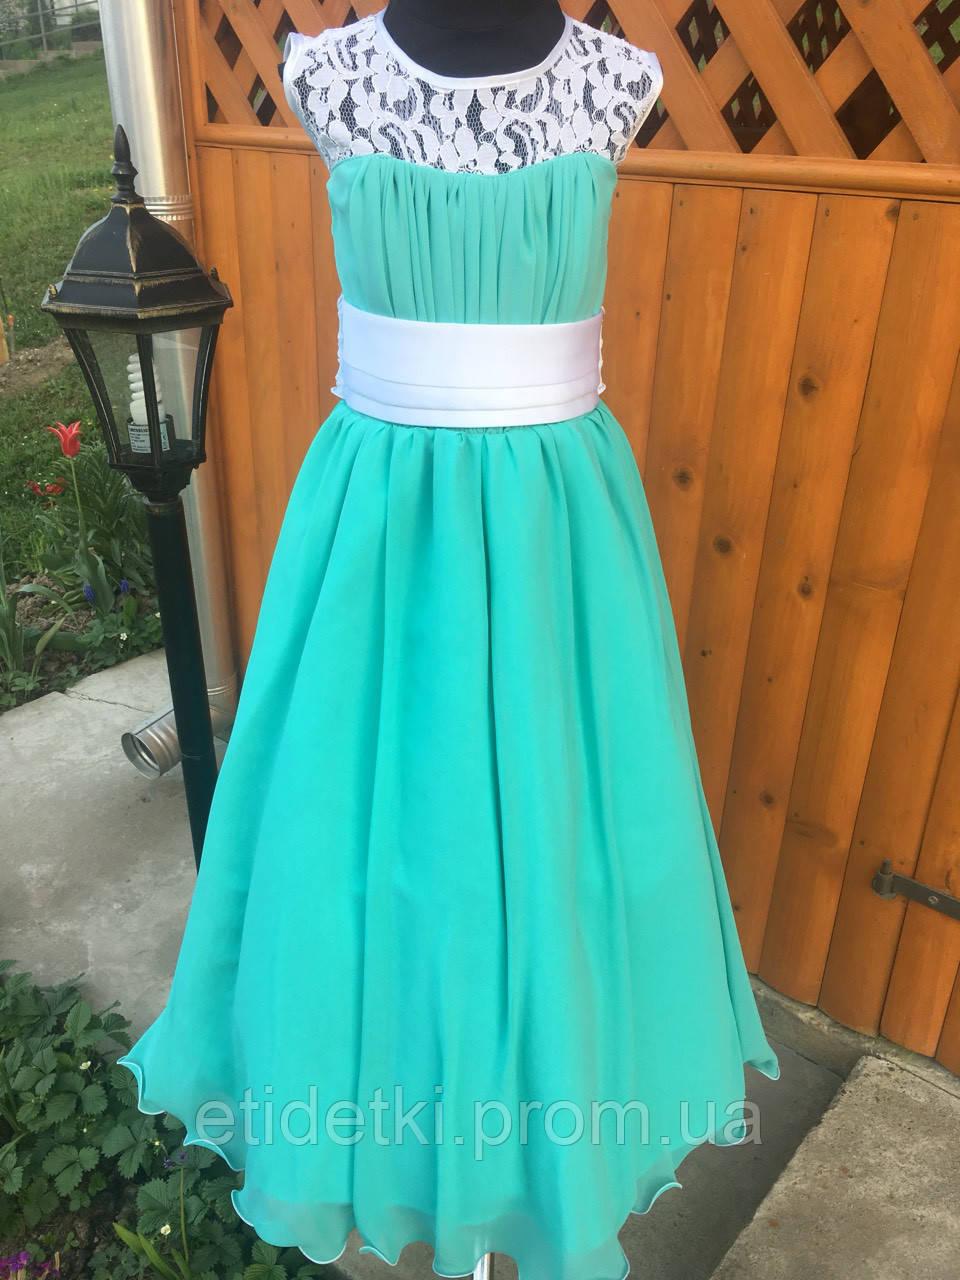 f8be87425f7b Красивое платье на выпускной в 4 классе - Интернет-магазин